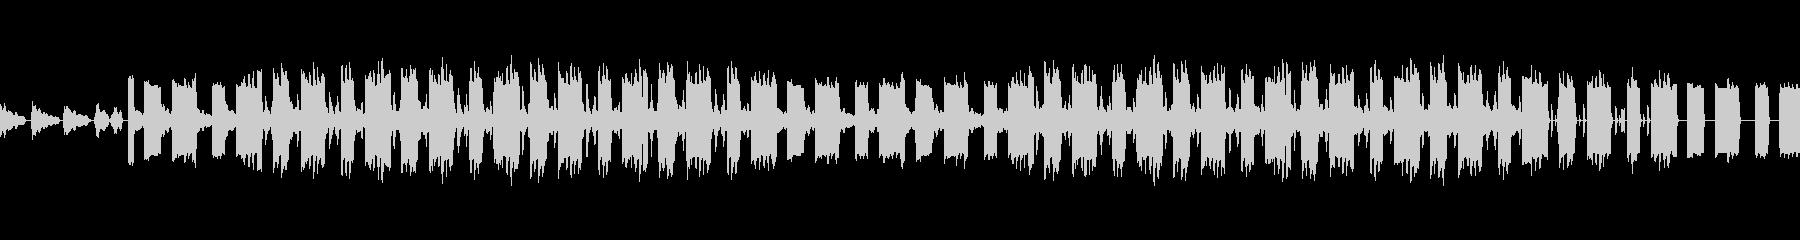 切ない8beatトラックの未再生の波形